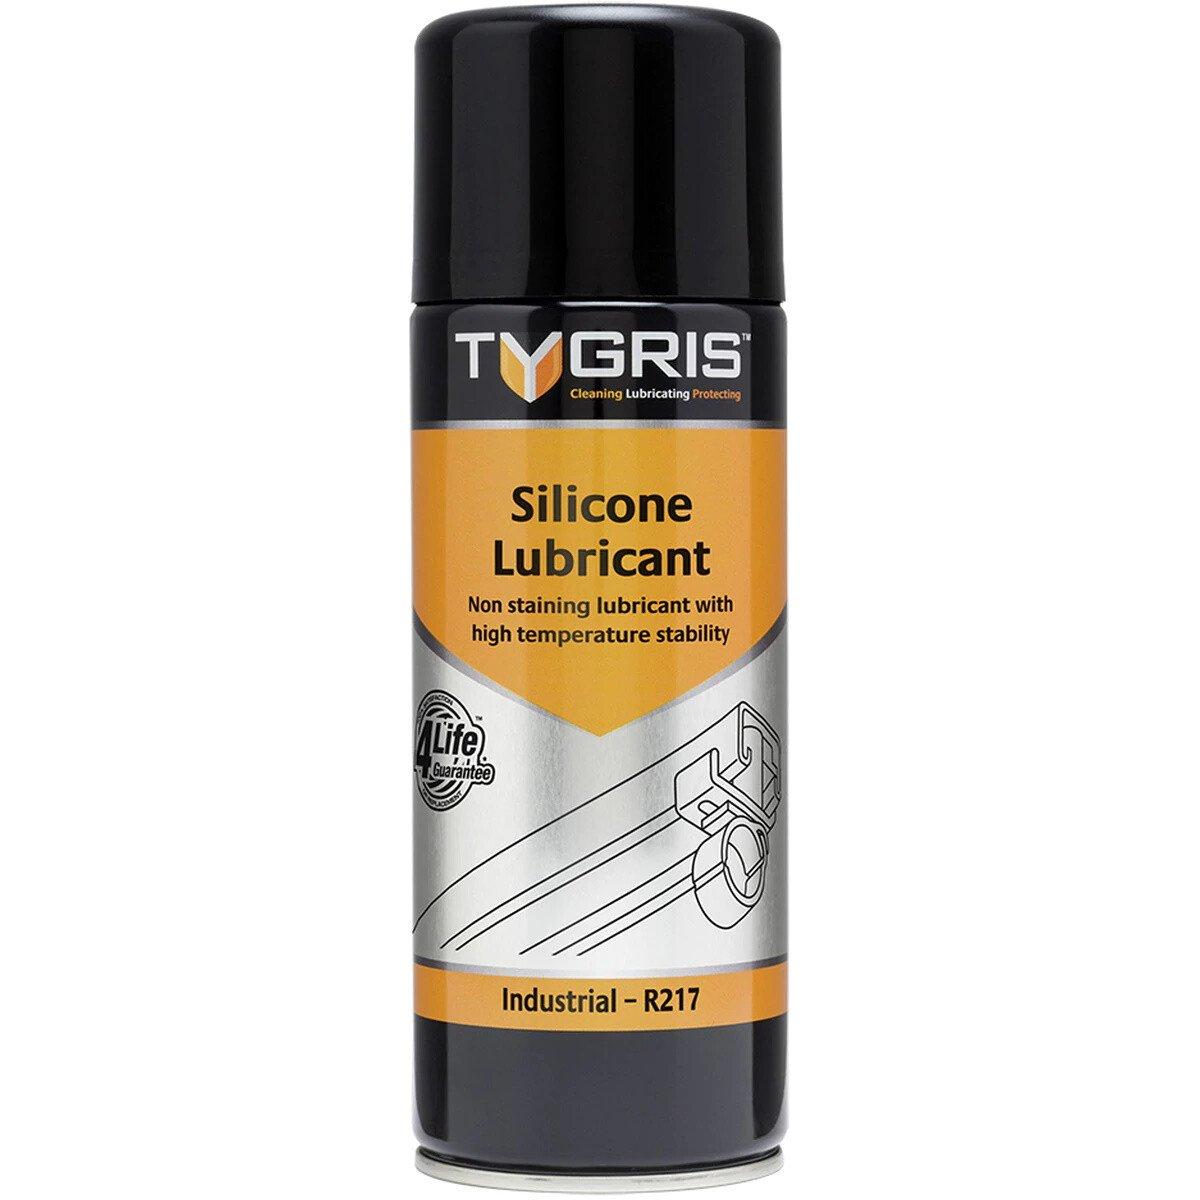 Tygris R217 Silicone Lubricant 400ml Aerosol Can